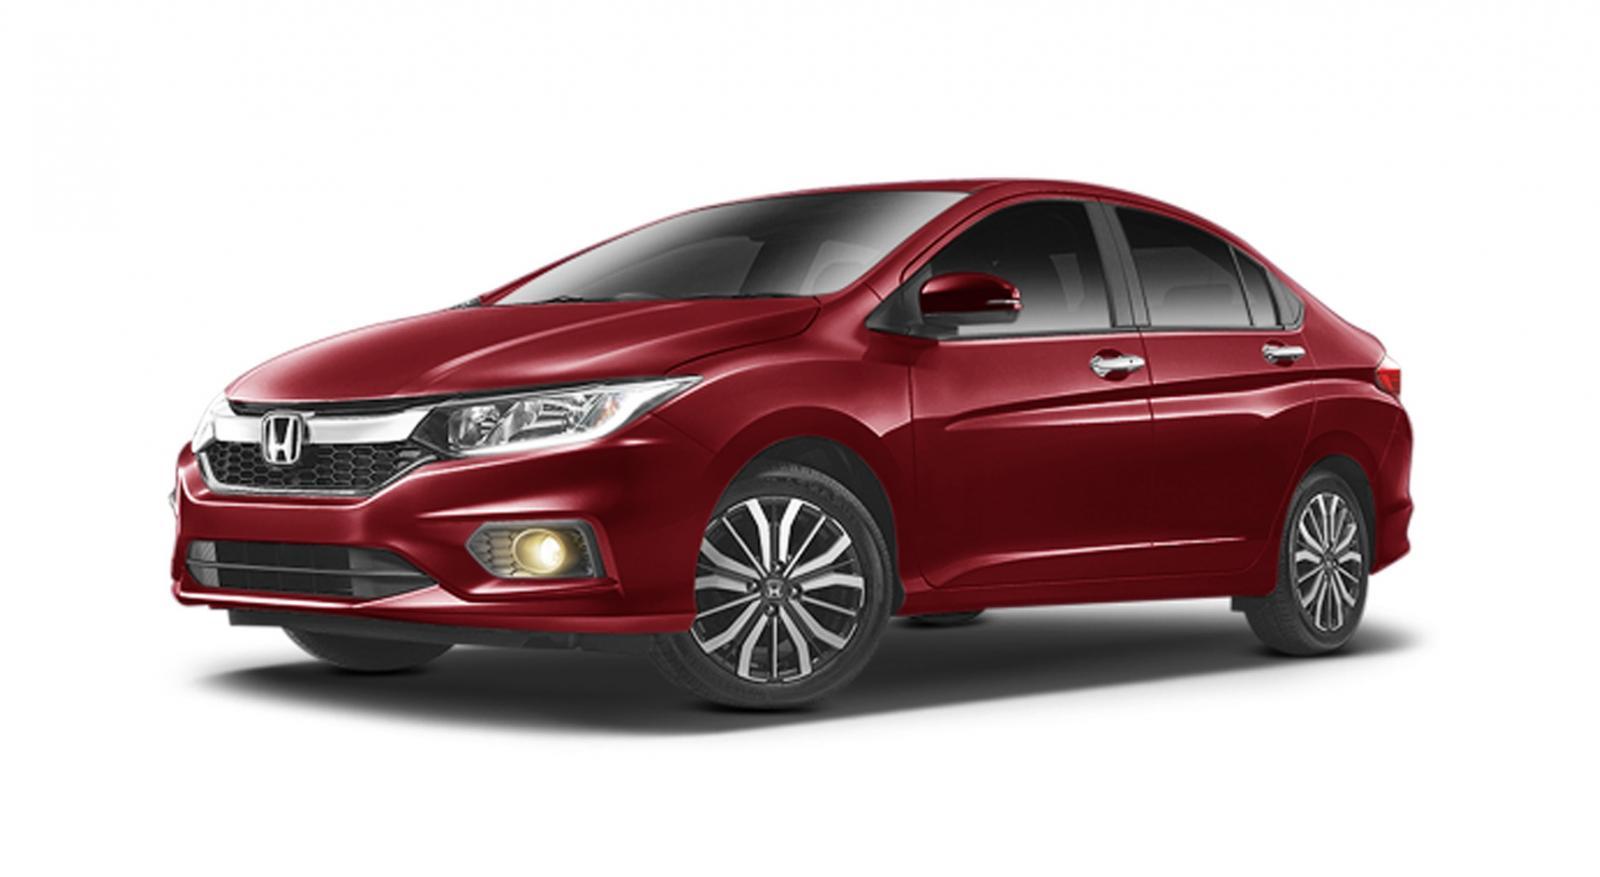 El Honda City precio mexico se vende en tres versiones